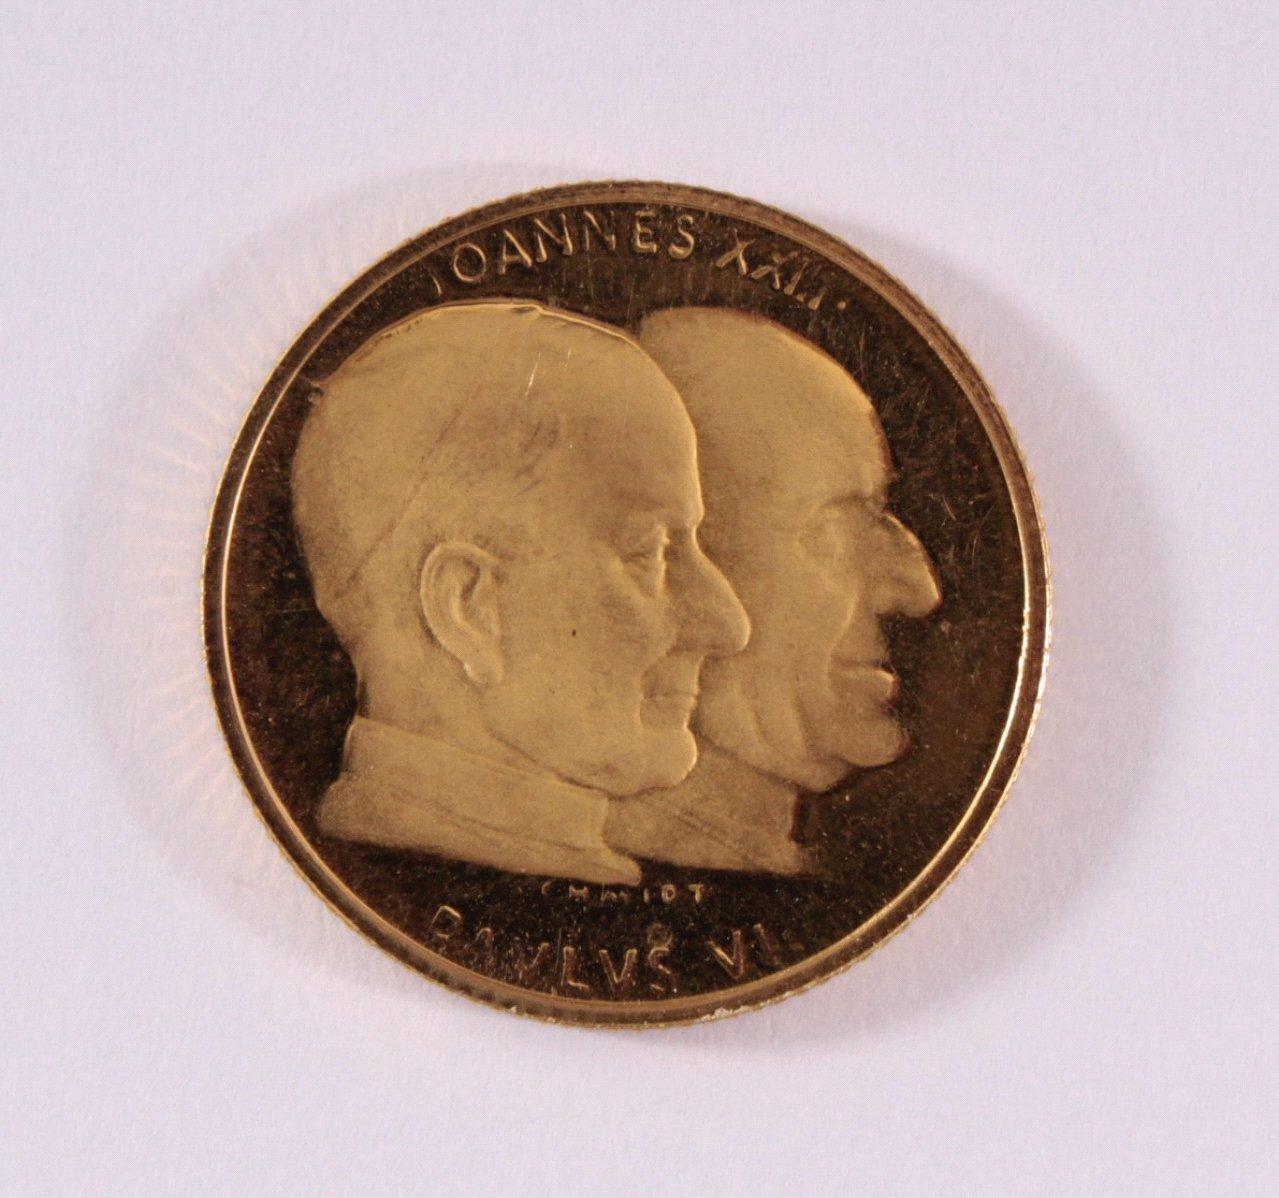 Goldmedaille 900/000 GG. Paulus VI Johannes XXIII